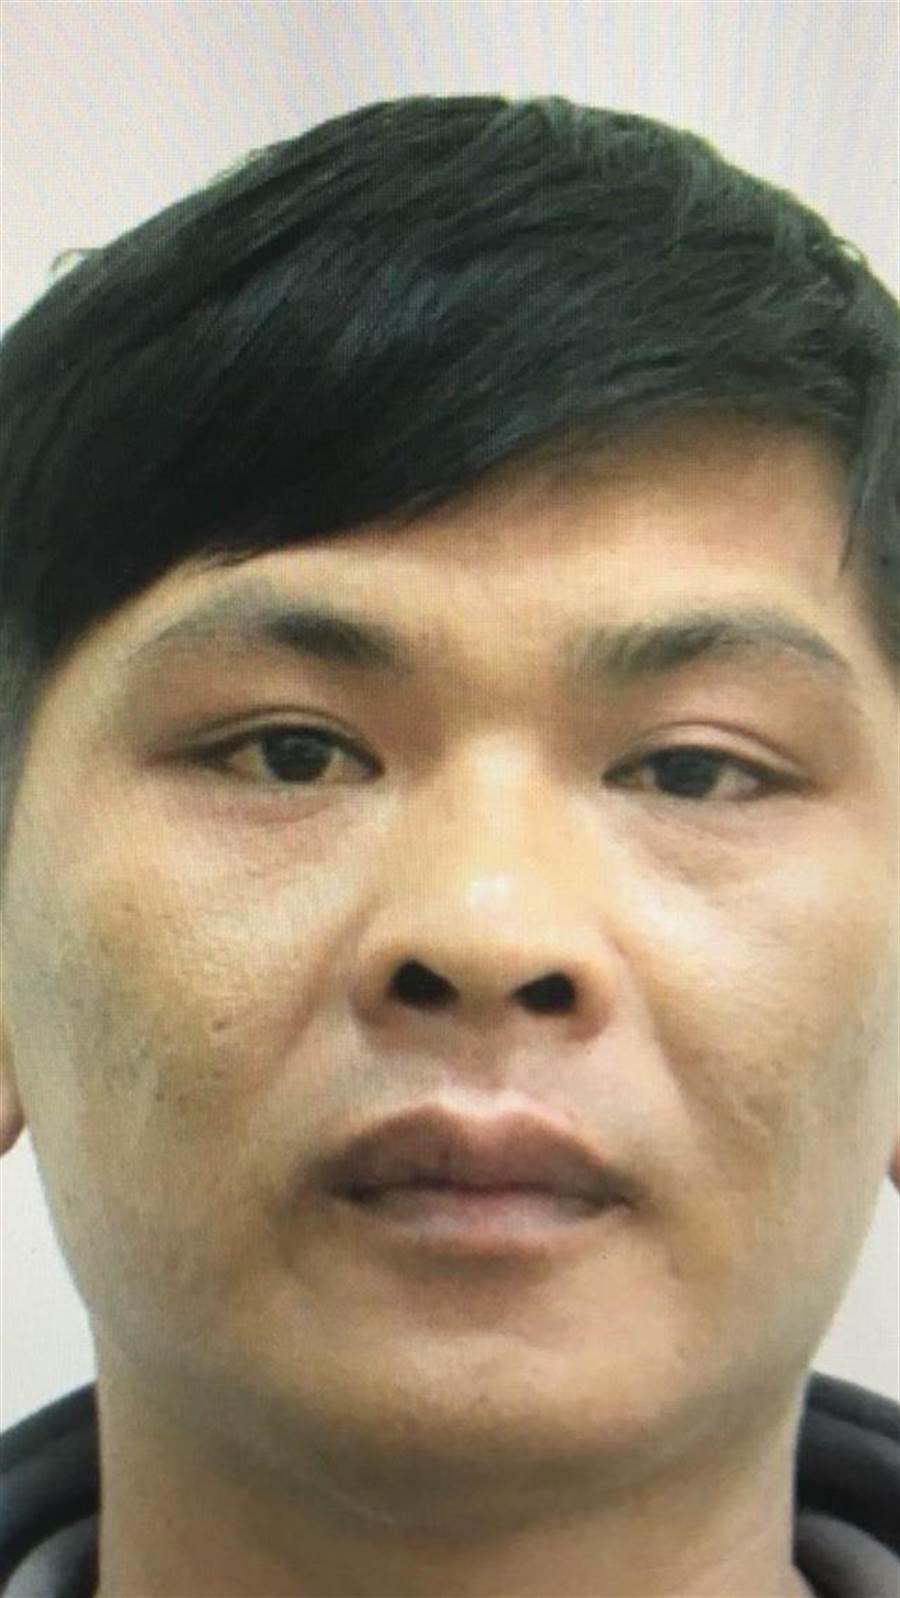 今早在台南奪警槍的通緝犯楊政勳。(曹婷婷翻攝)